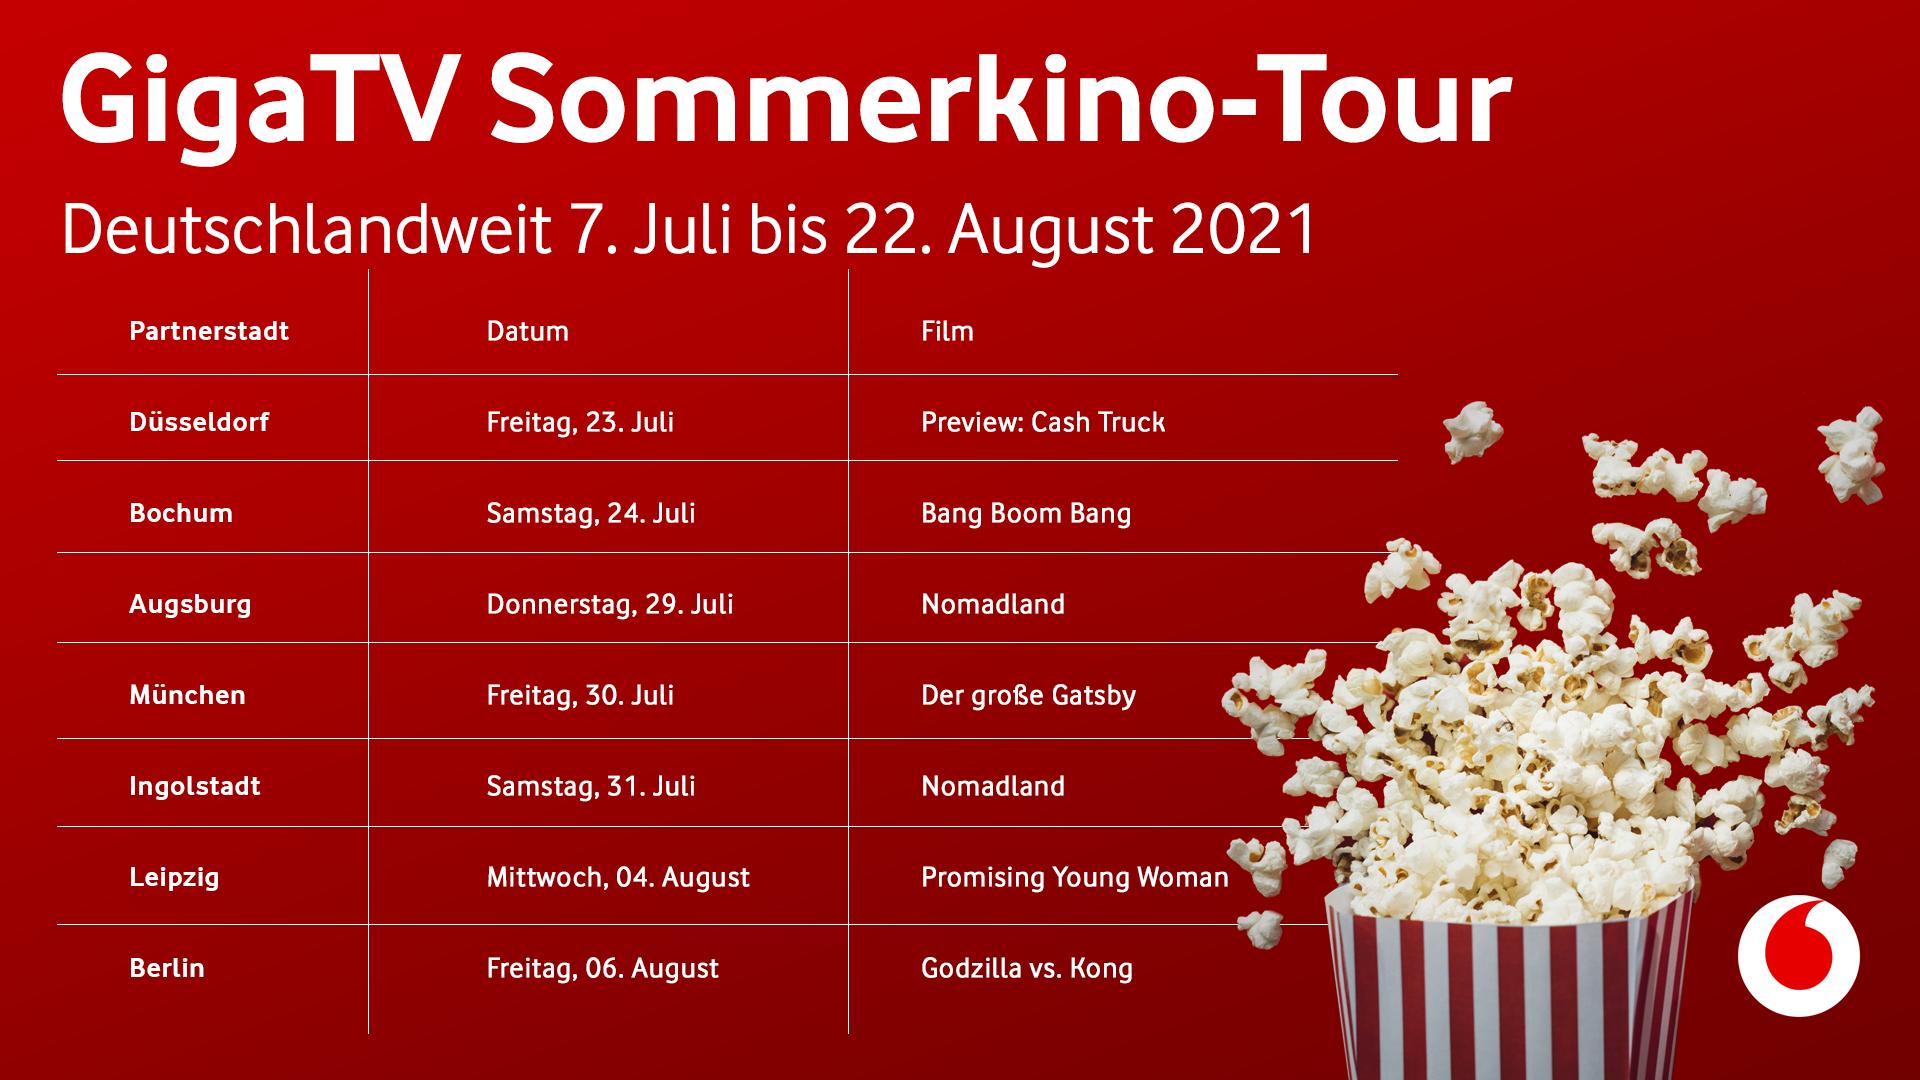 GigaTV Sommerkino-Tour Filme-Übersicht